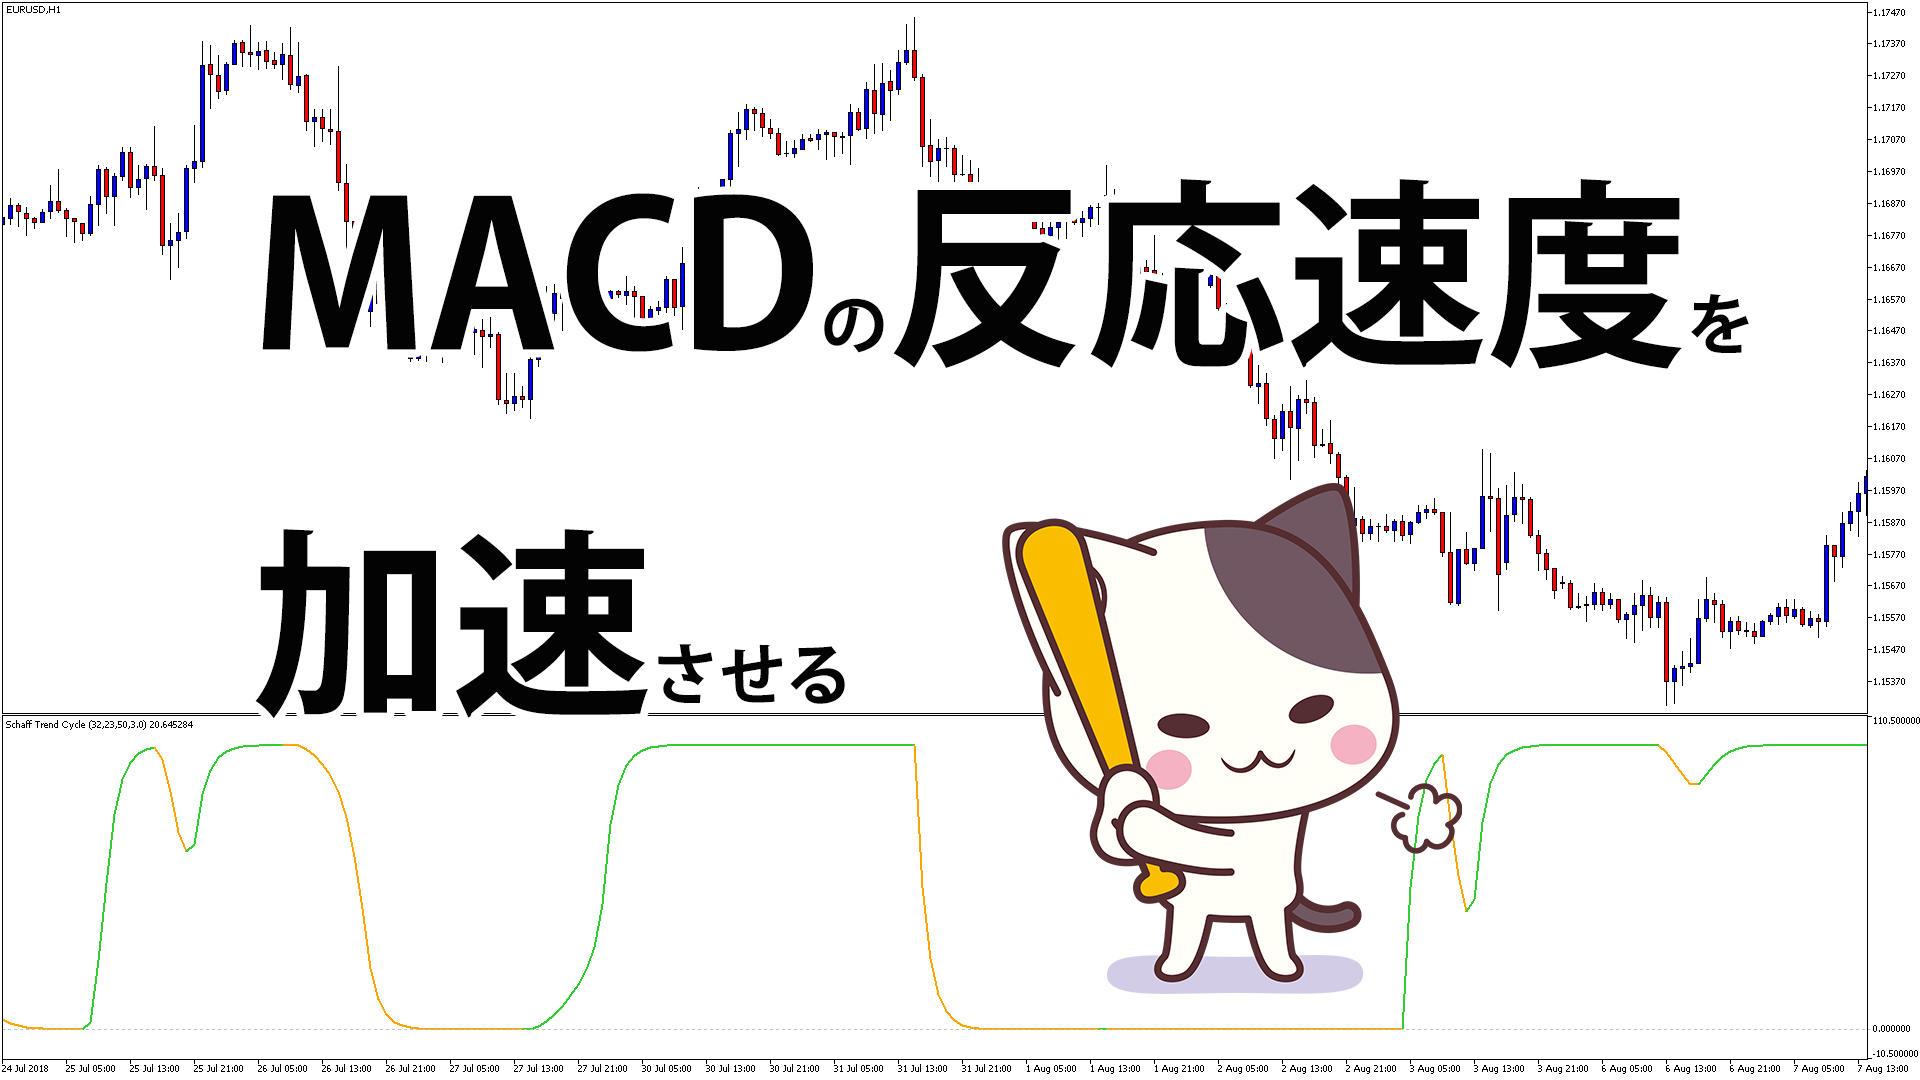 MACDのストキャスティックを表示するMT5インジケーター「Schaff_trend_cycle」